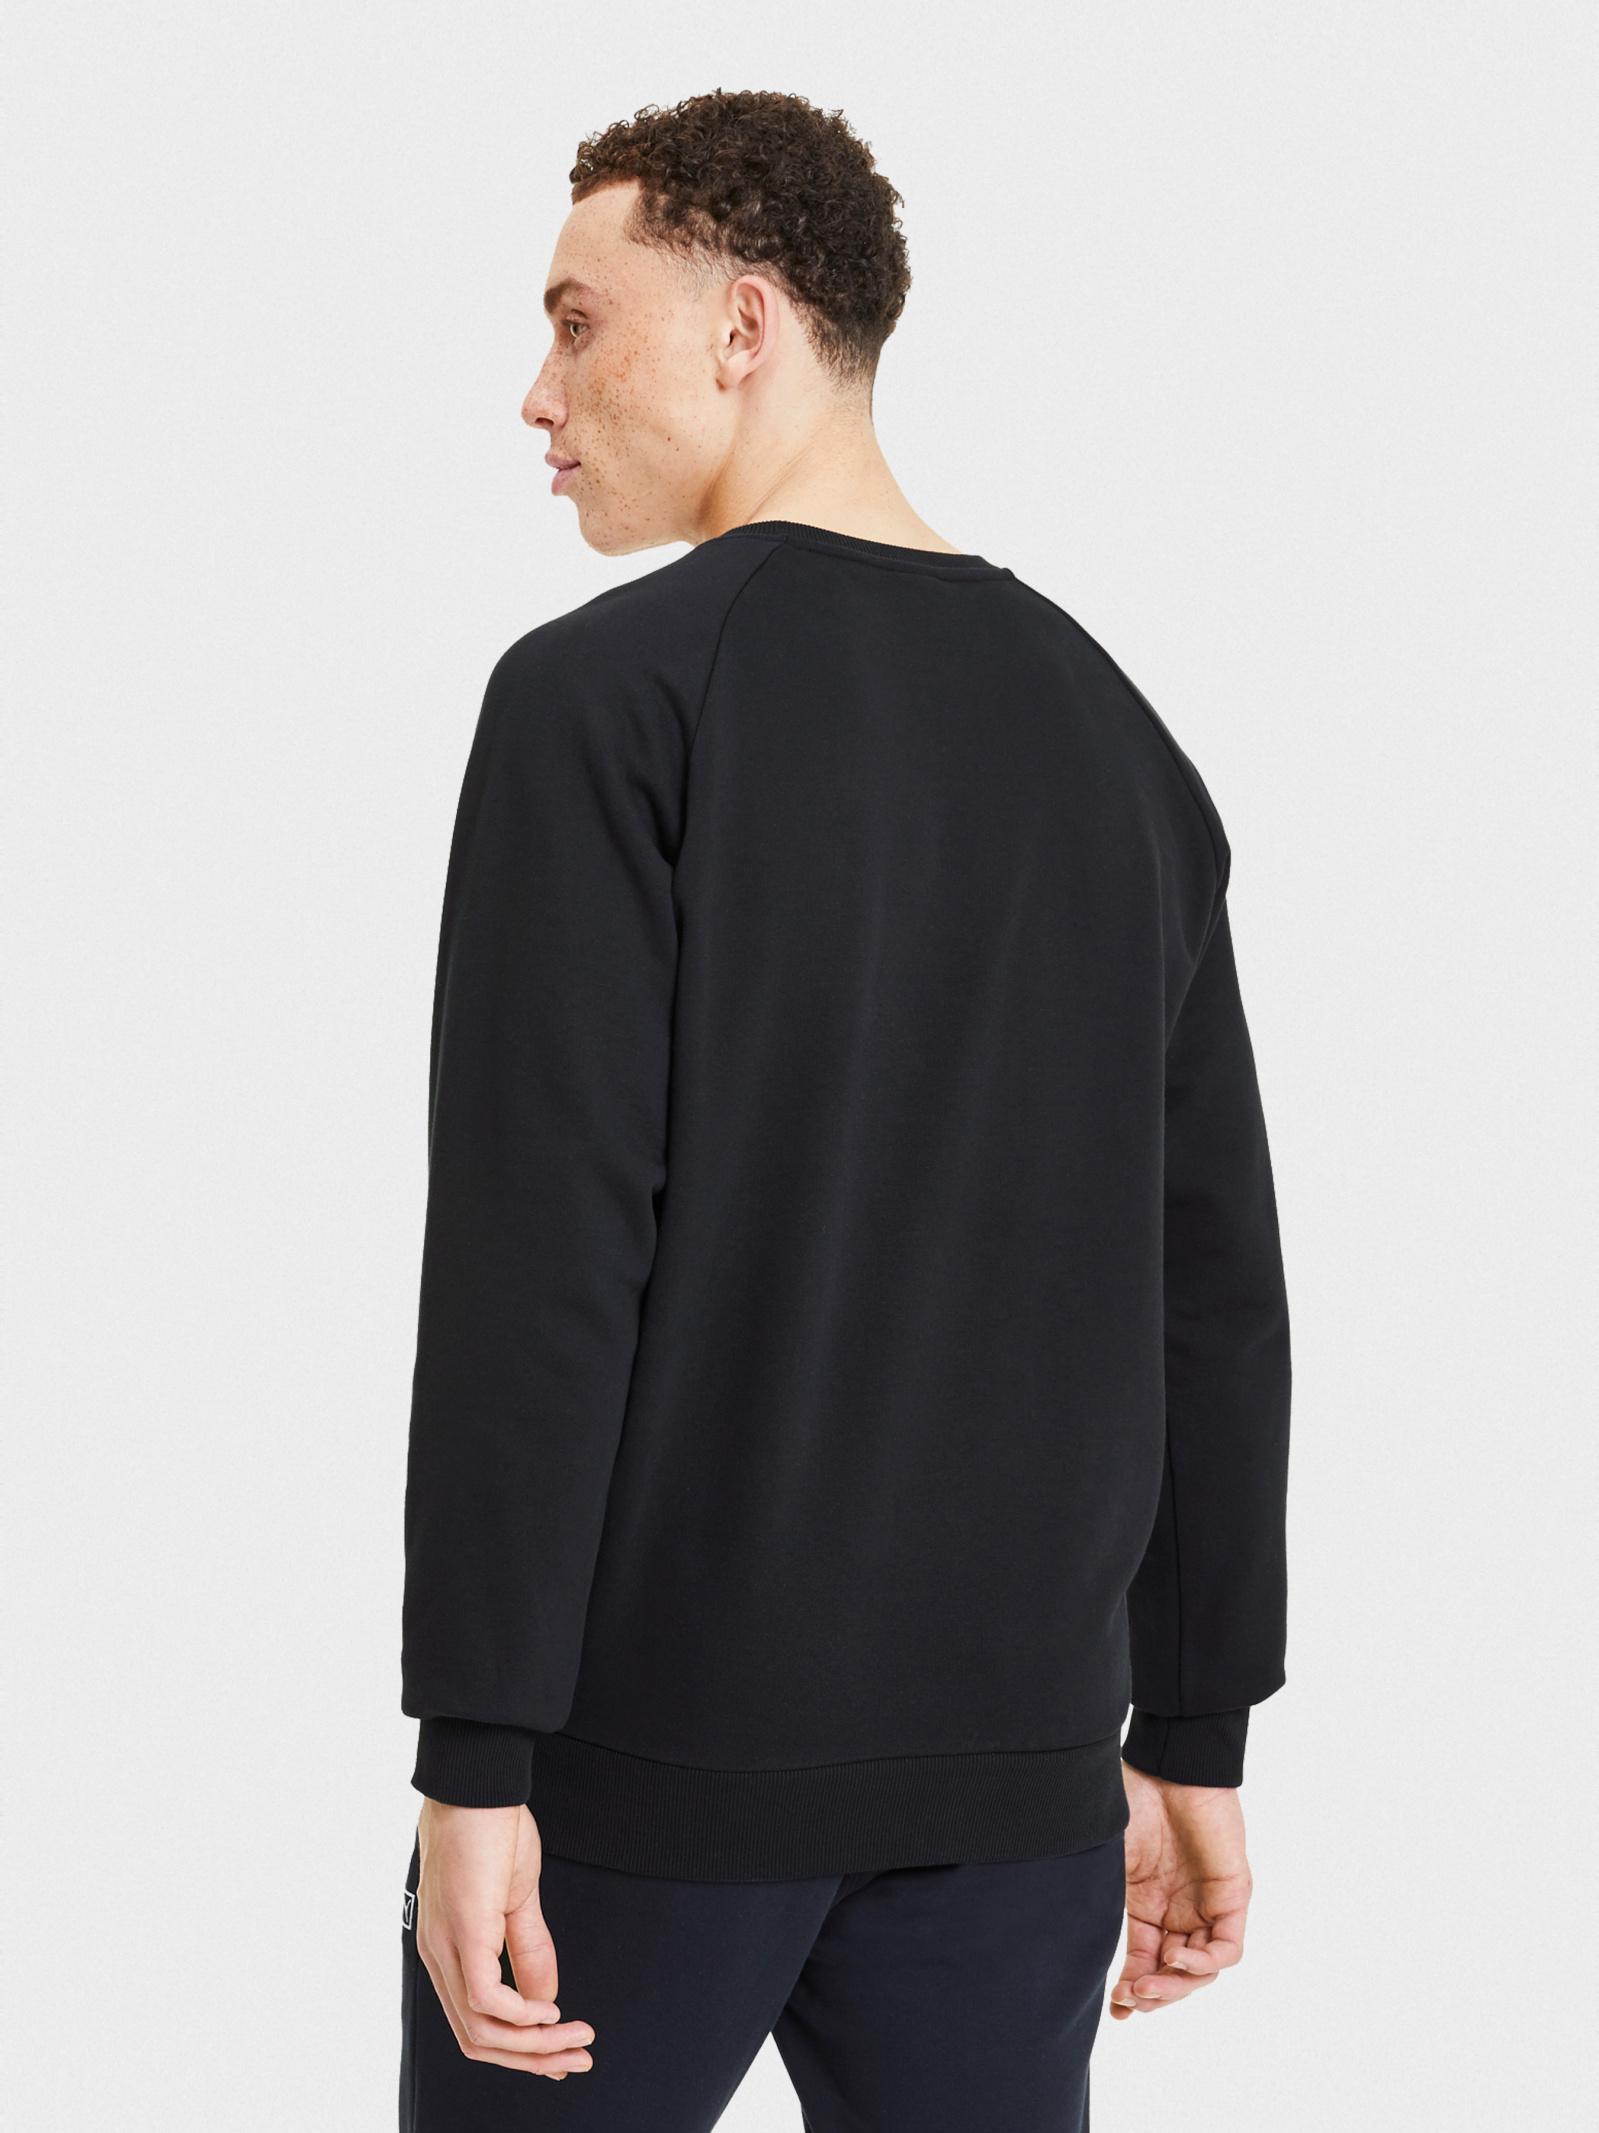 PUMA Кофти та светри чоловічі модель 59626601 придбати, 2017